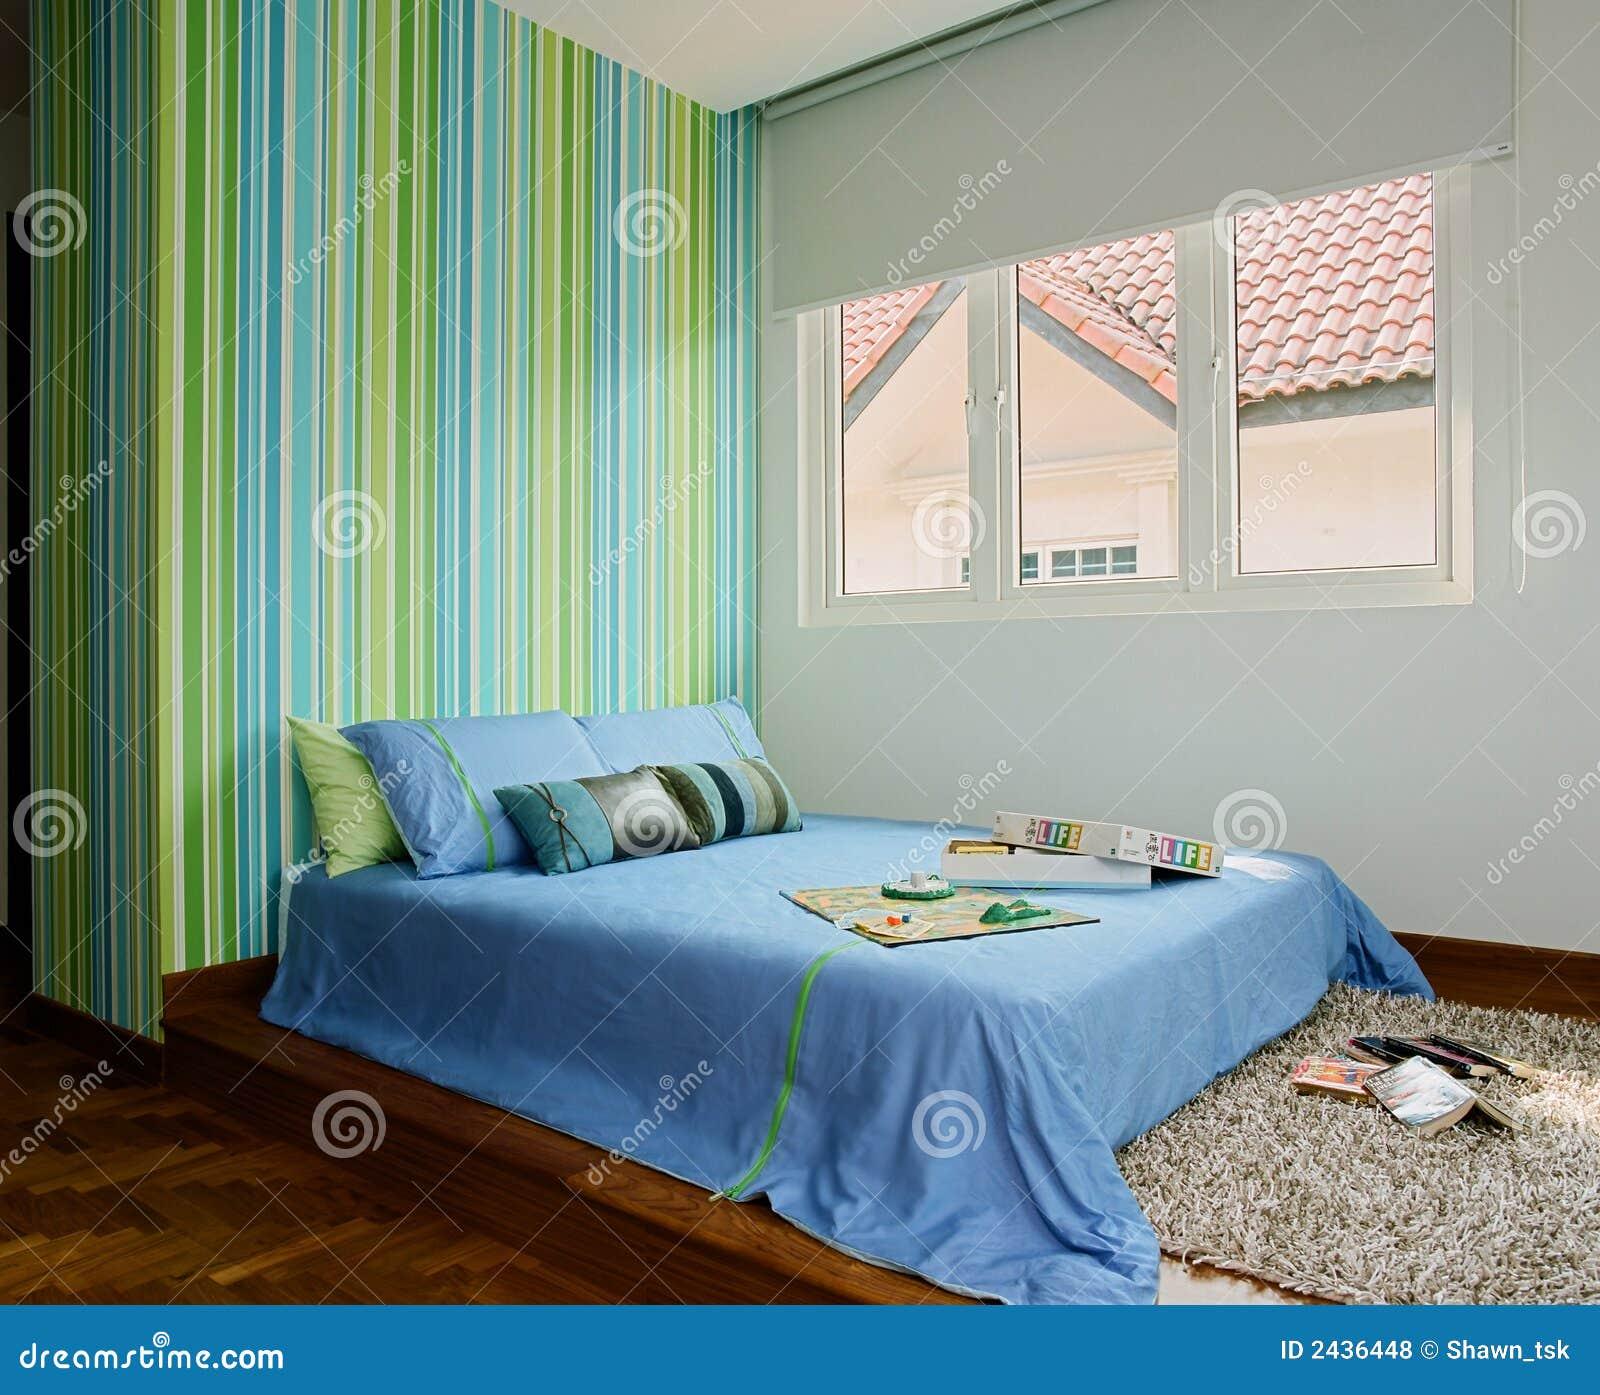 Disegno interno camera da letto fotografie stock libere - Carta da parati in camera da letto ...